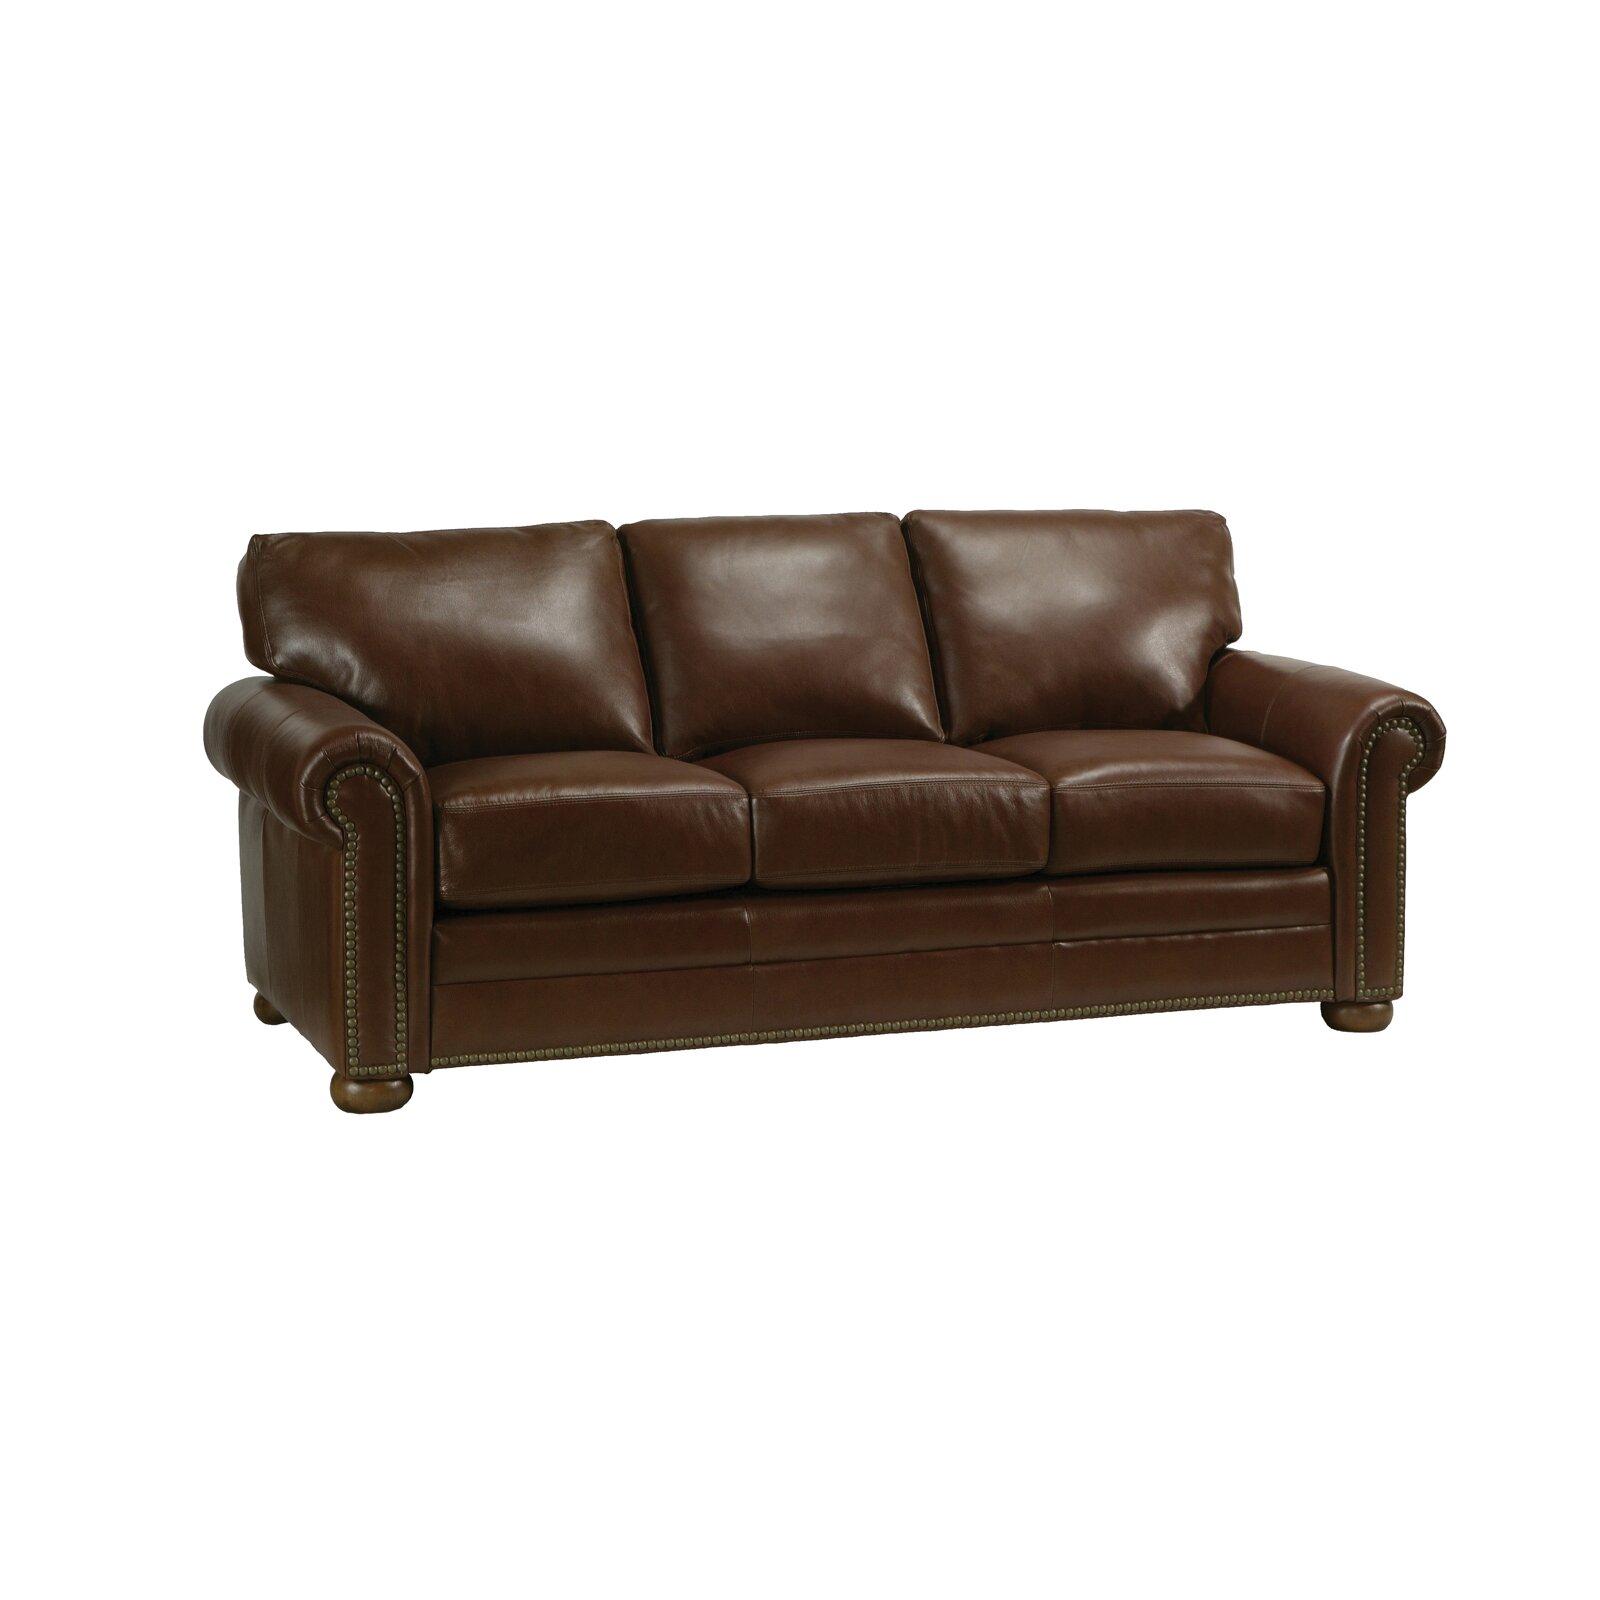 omnia leather savannah leather sofa reviews wayfair